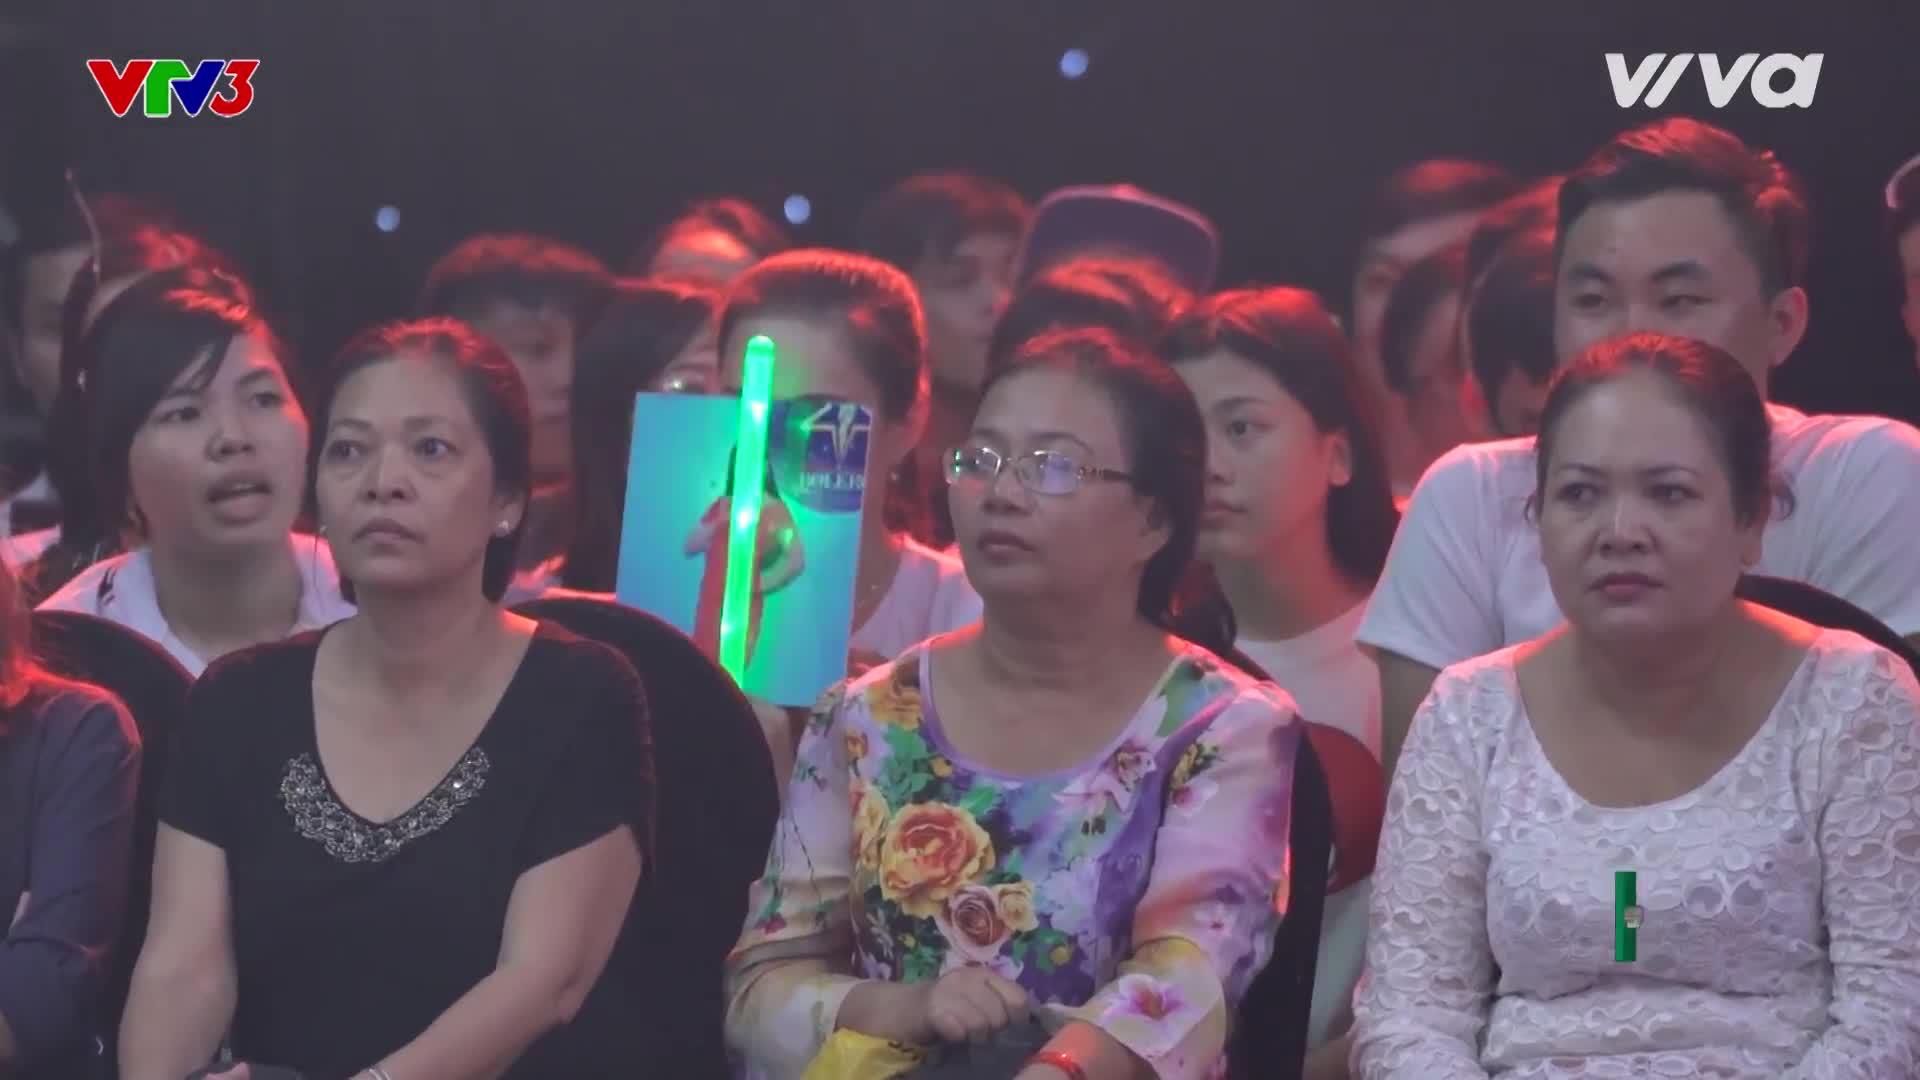 Mỹ nhân đội Quang Lê vượt thử thách 30 giây của HLV Ngọc Sơn để giành vé vàng